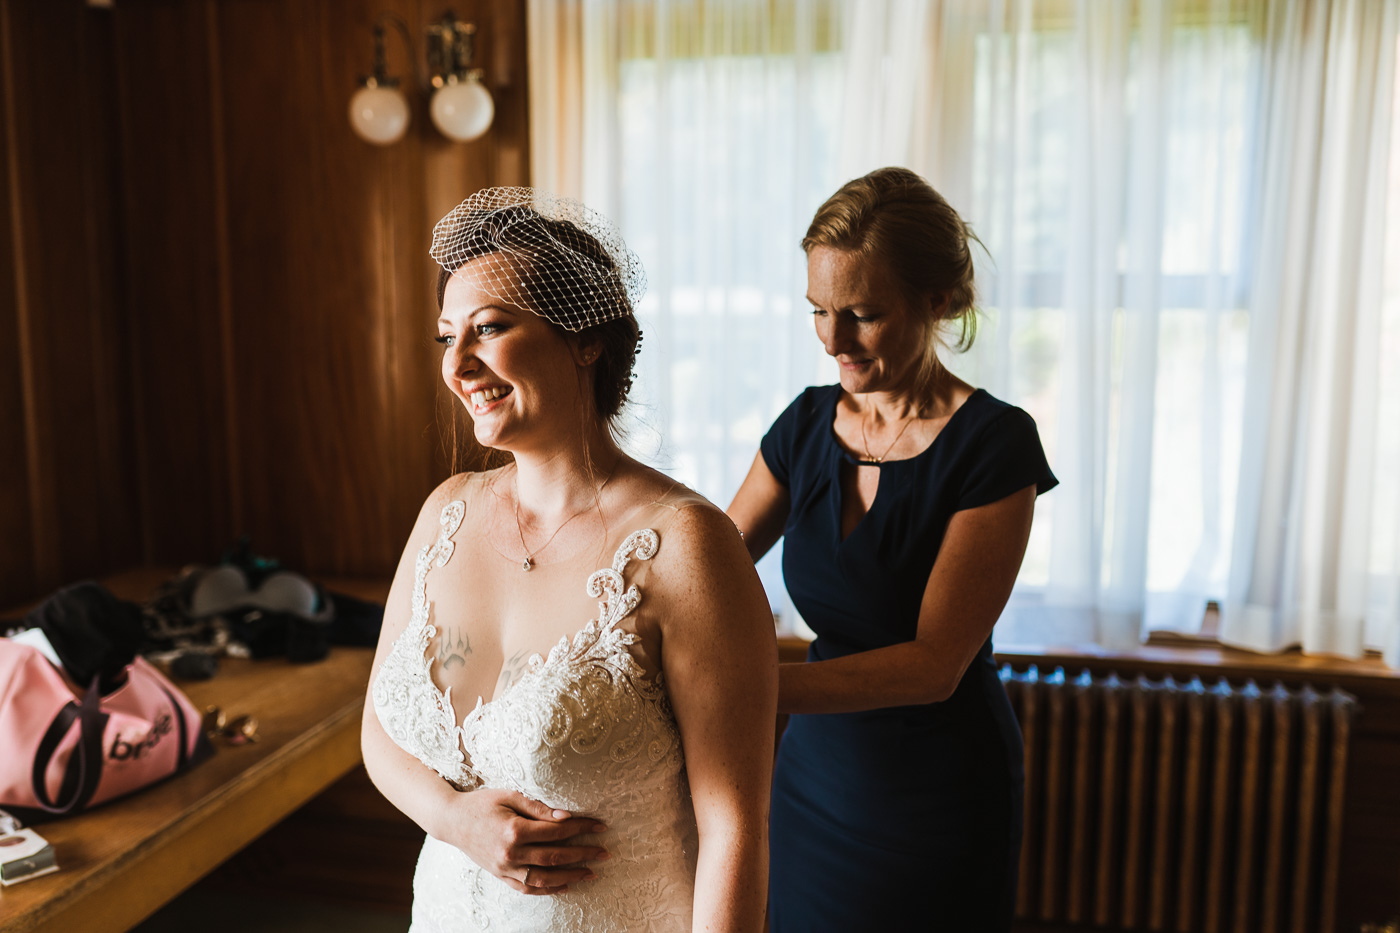 Victoria BC Wedding Photography - Hatley Castle Wedding Photography - Bear Mountain Wedding Photography